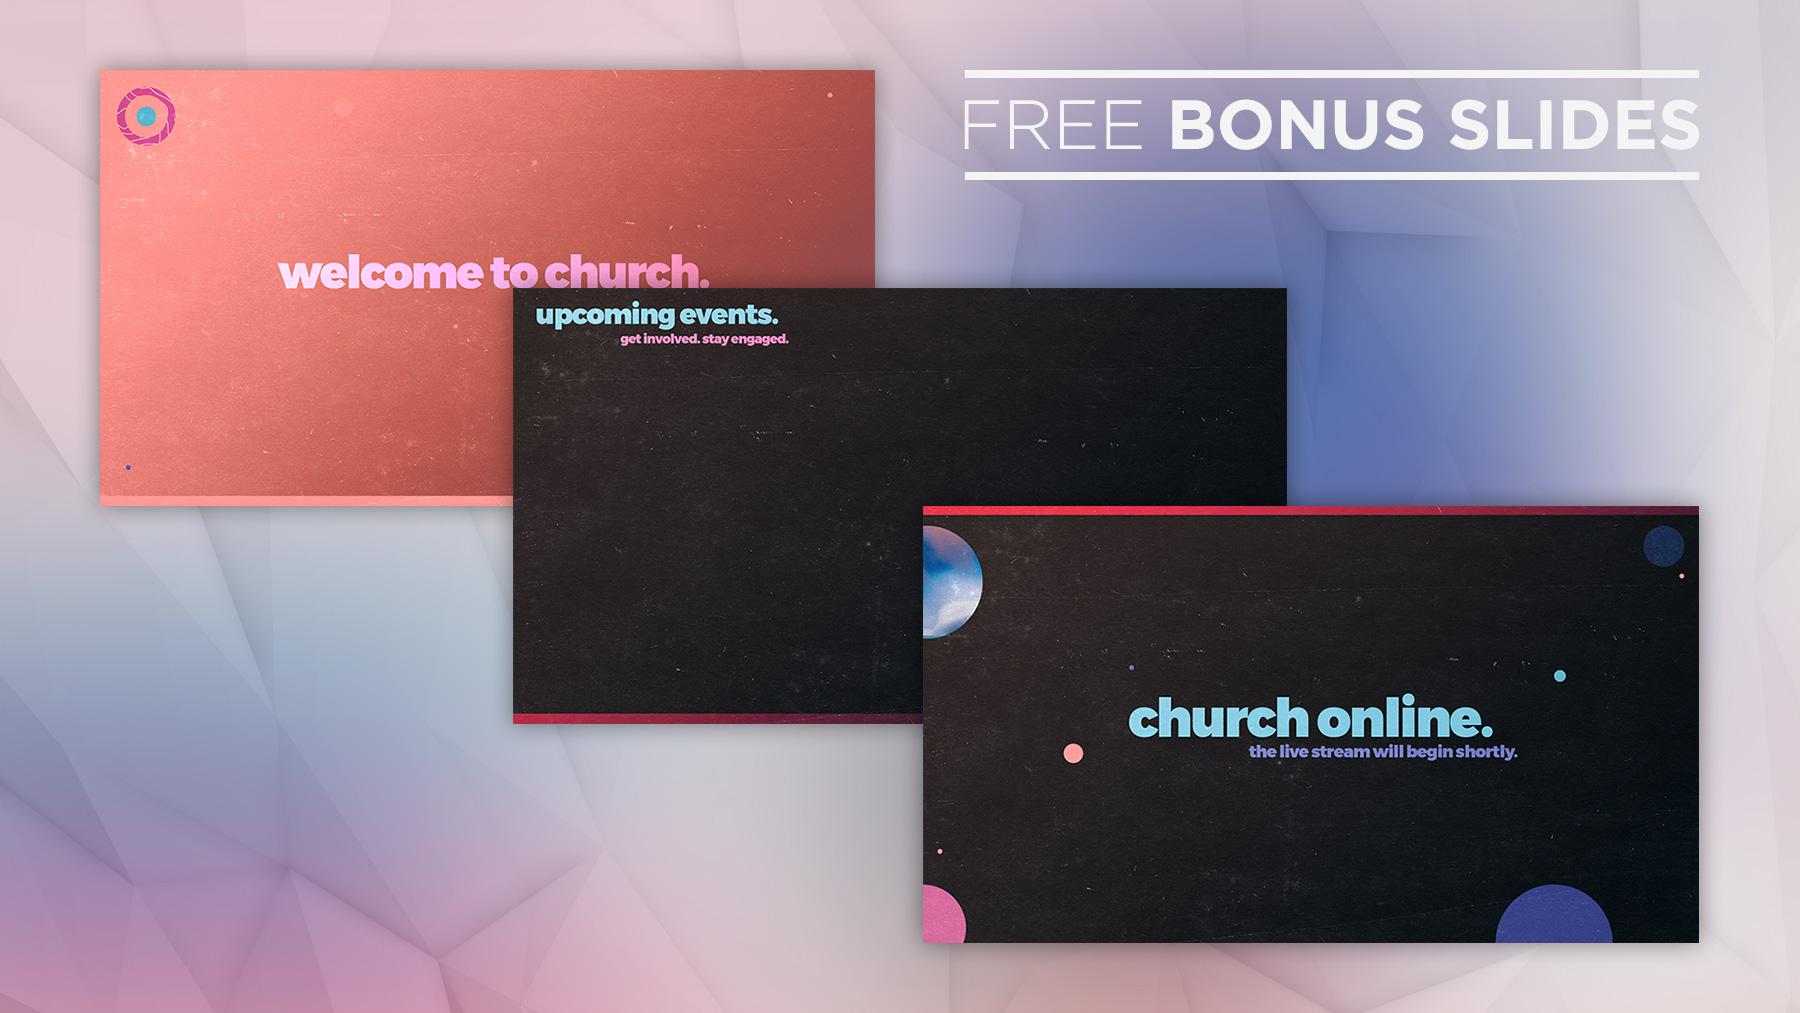 hhwh bonus pack